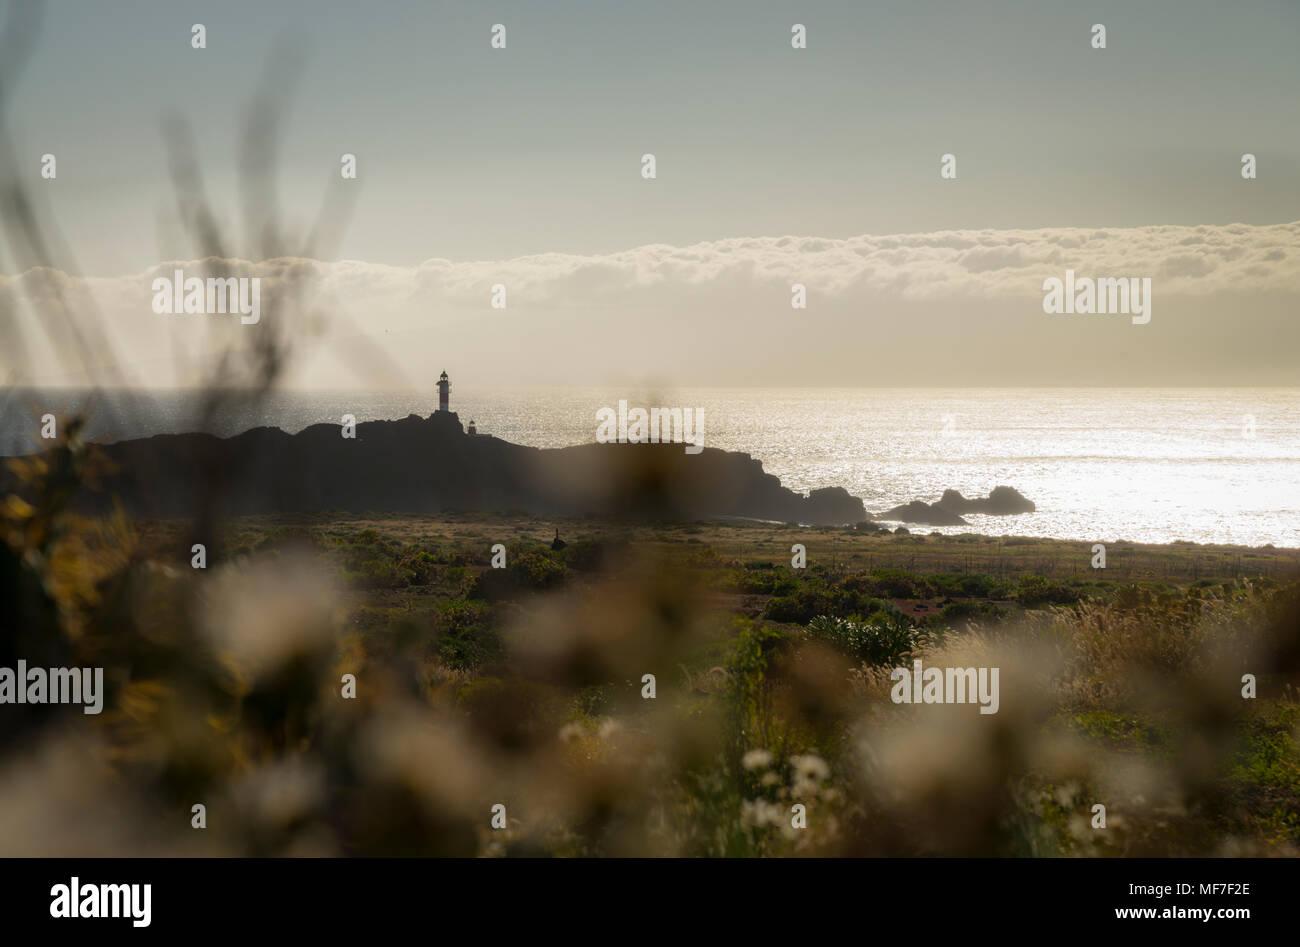 Spanien, Kanarische Inseln, Teneriffa, Punta de Teno, Leuchtturm an der Küste Stockbild